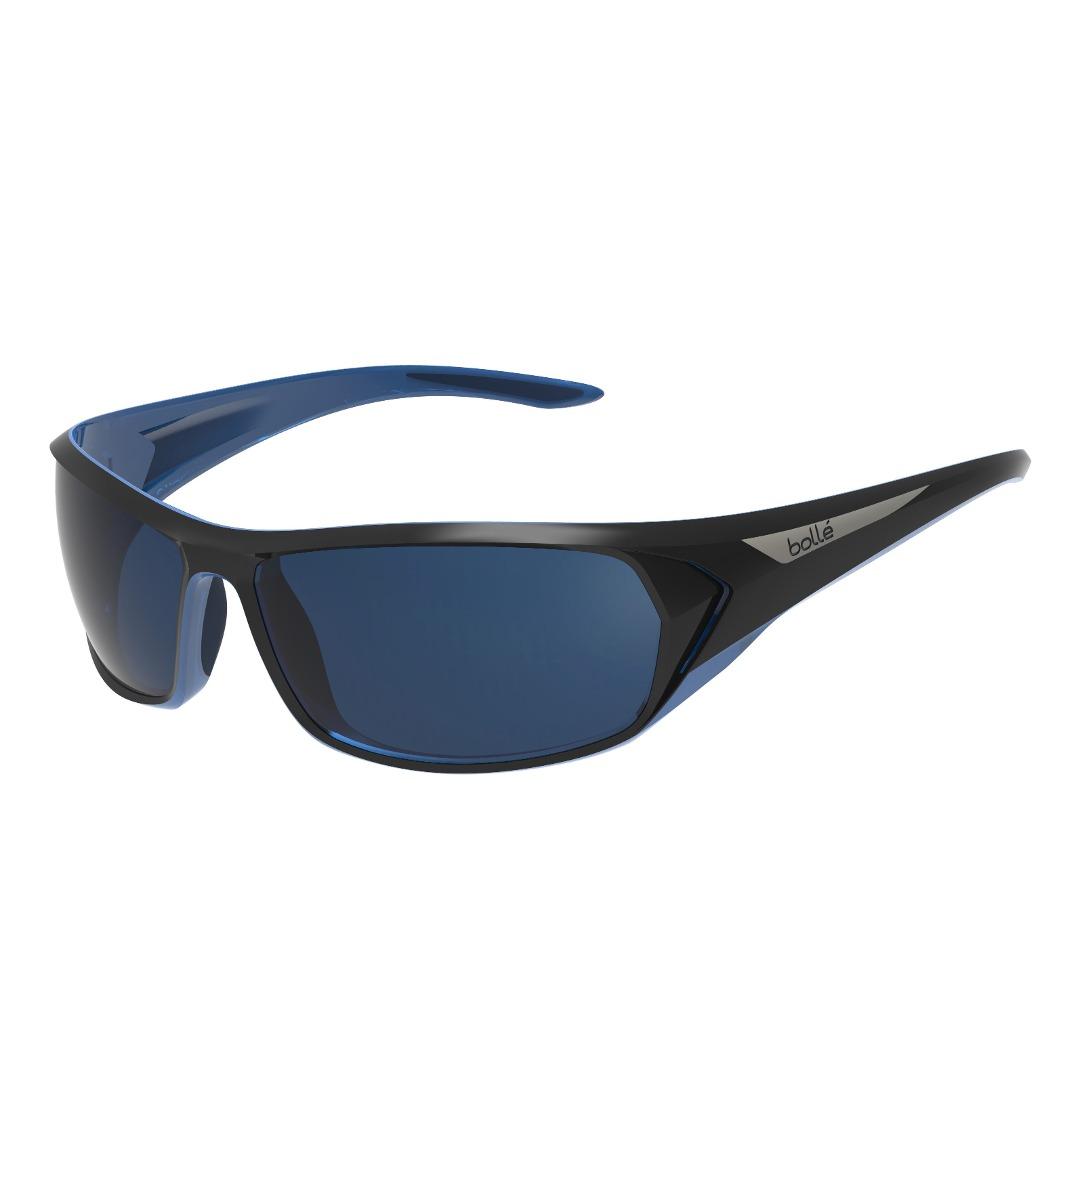 710c06956 Óculos Bollé Black Tail - Shiny Blue - R$ 782,88 em Mercado Livre